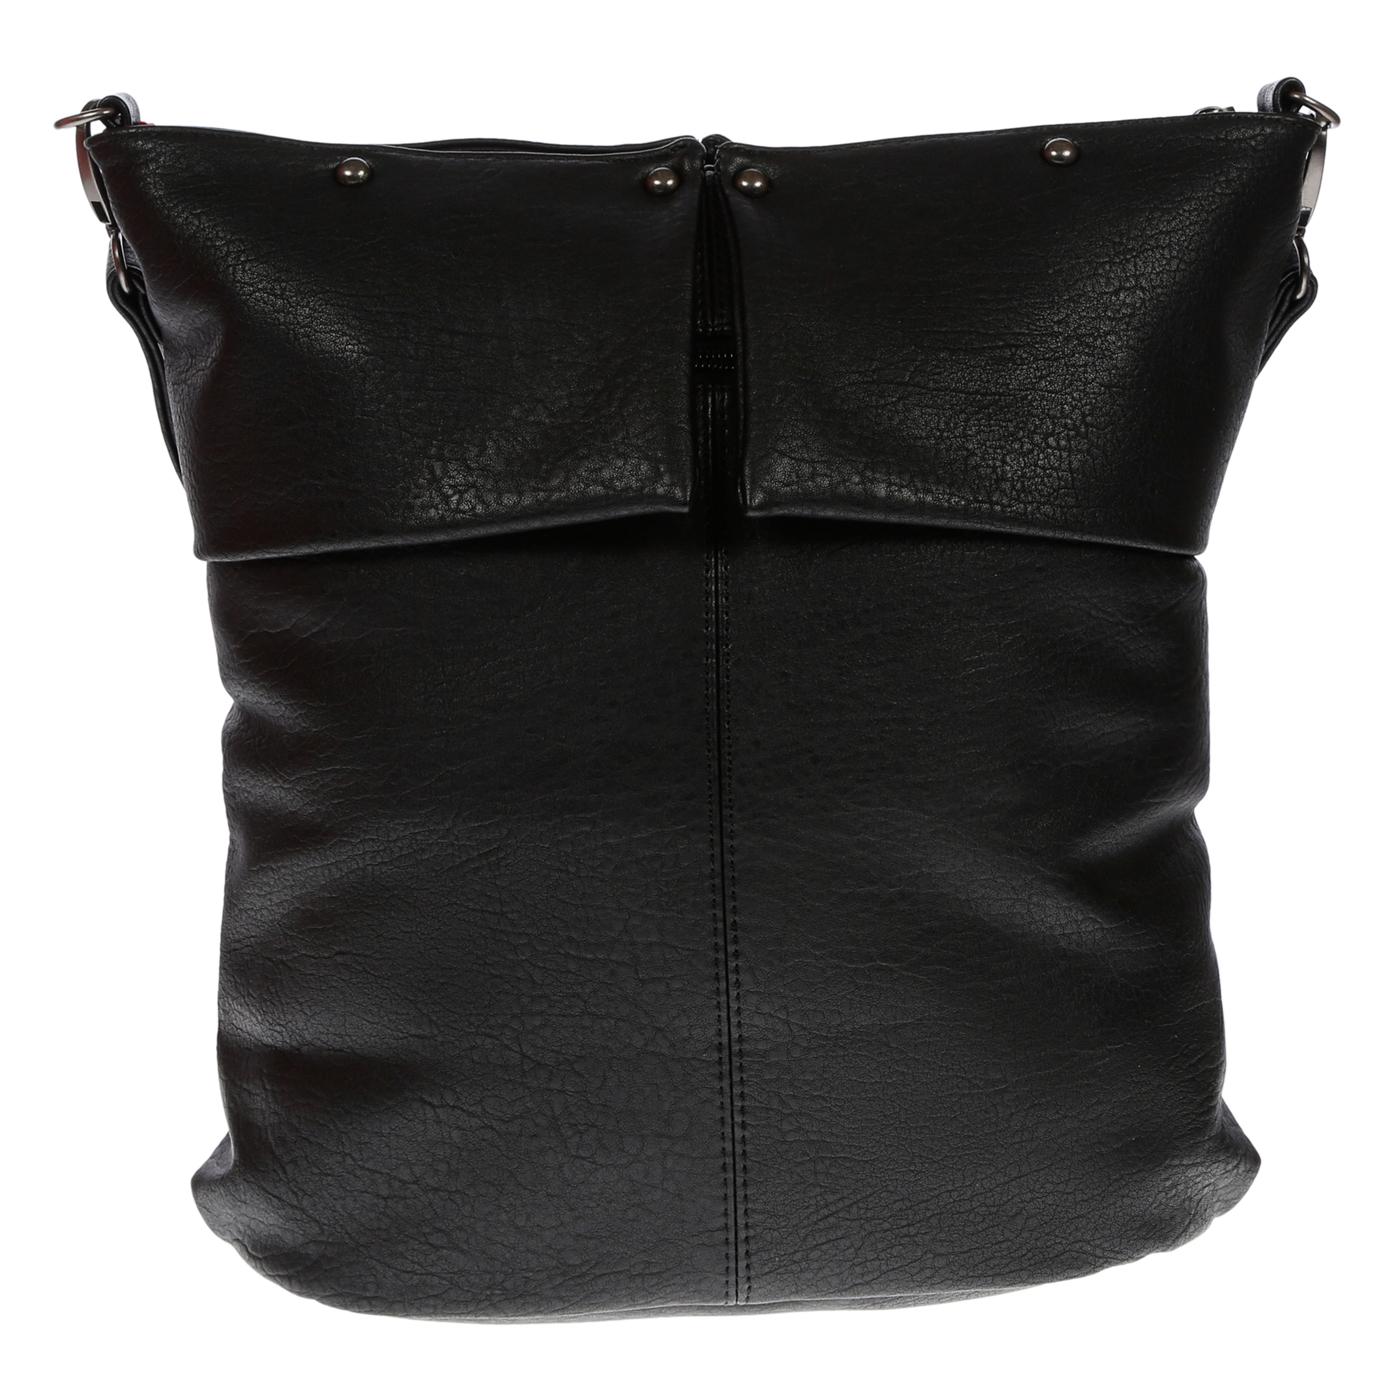 Damentasche-Umhaengetasche-Handtasche-Schultertasche-Leder-Optik-Tasche-Schwarz Indexbild 9